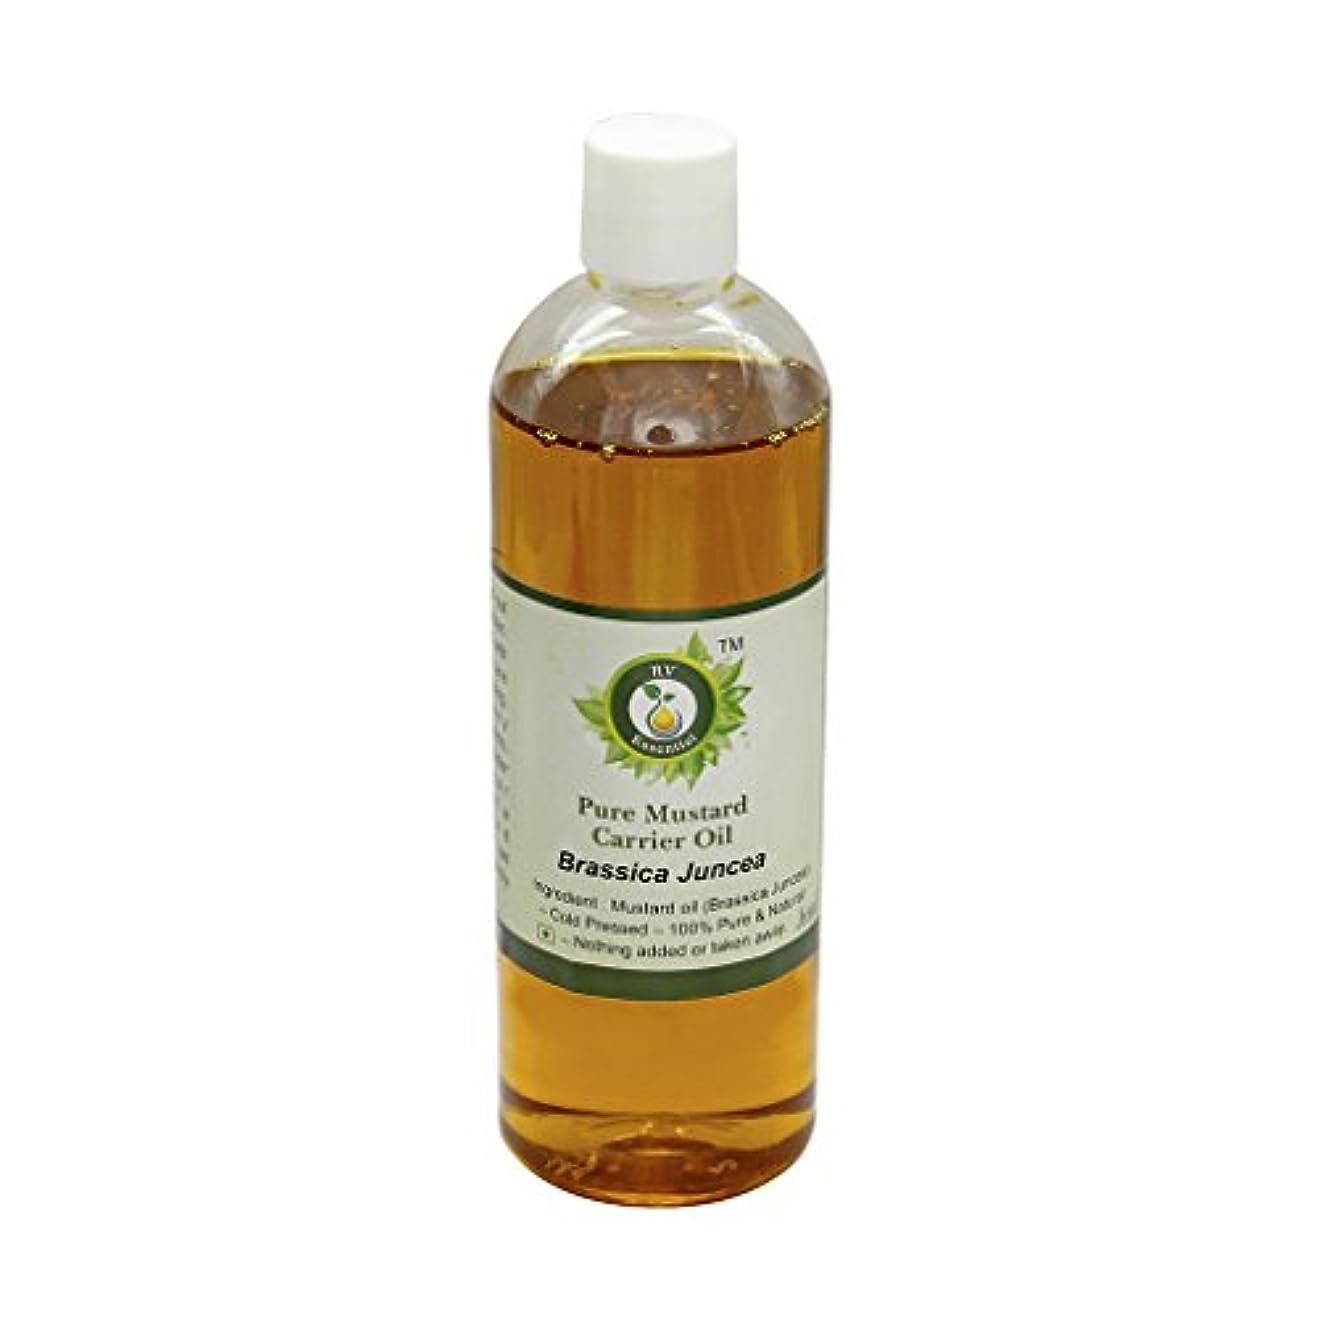 中央値奪う取るに足らないR V Essential 純粋なマスタードキャリアオイル100ml (3.38oz)- Brassica Juncea (100%ピュア&ナチュラルコールドPressed) Pure Mustard Carrier Oil